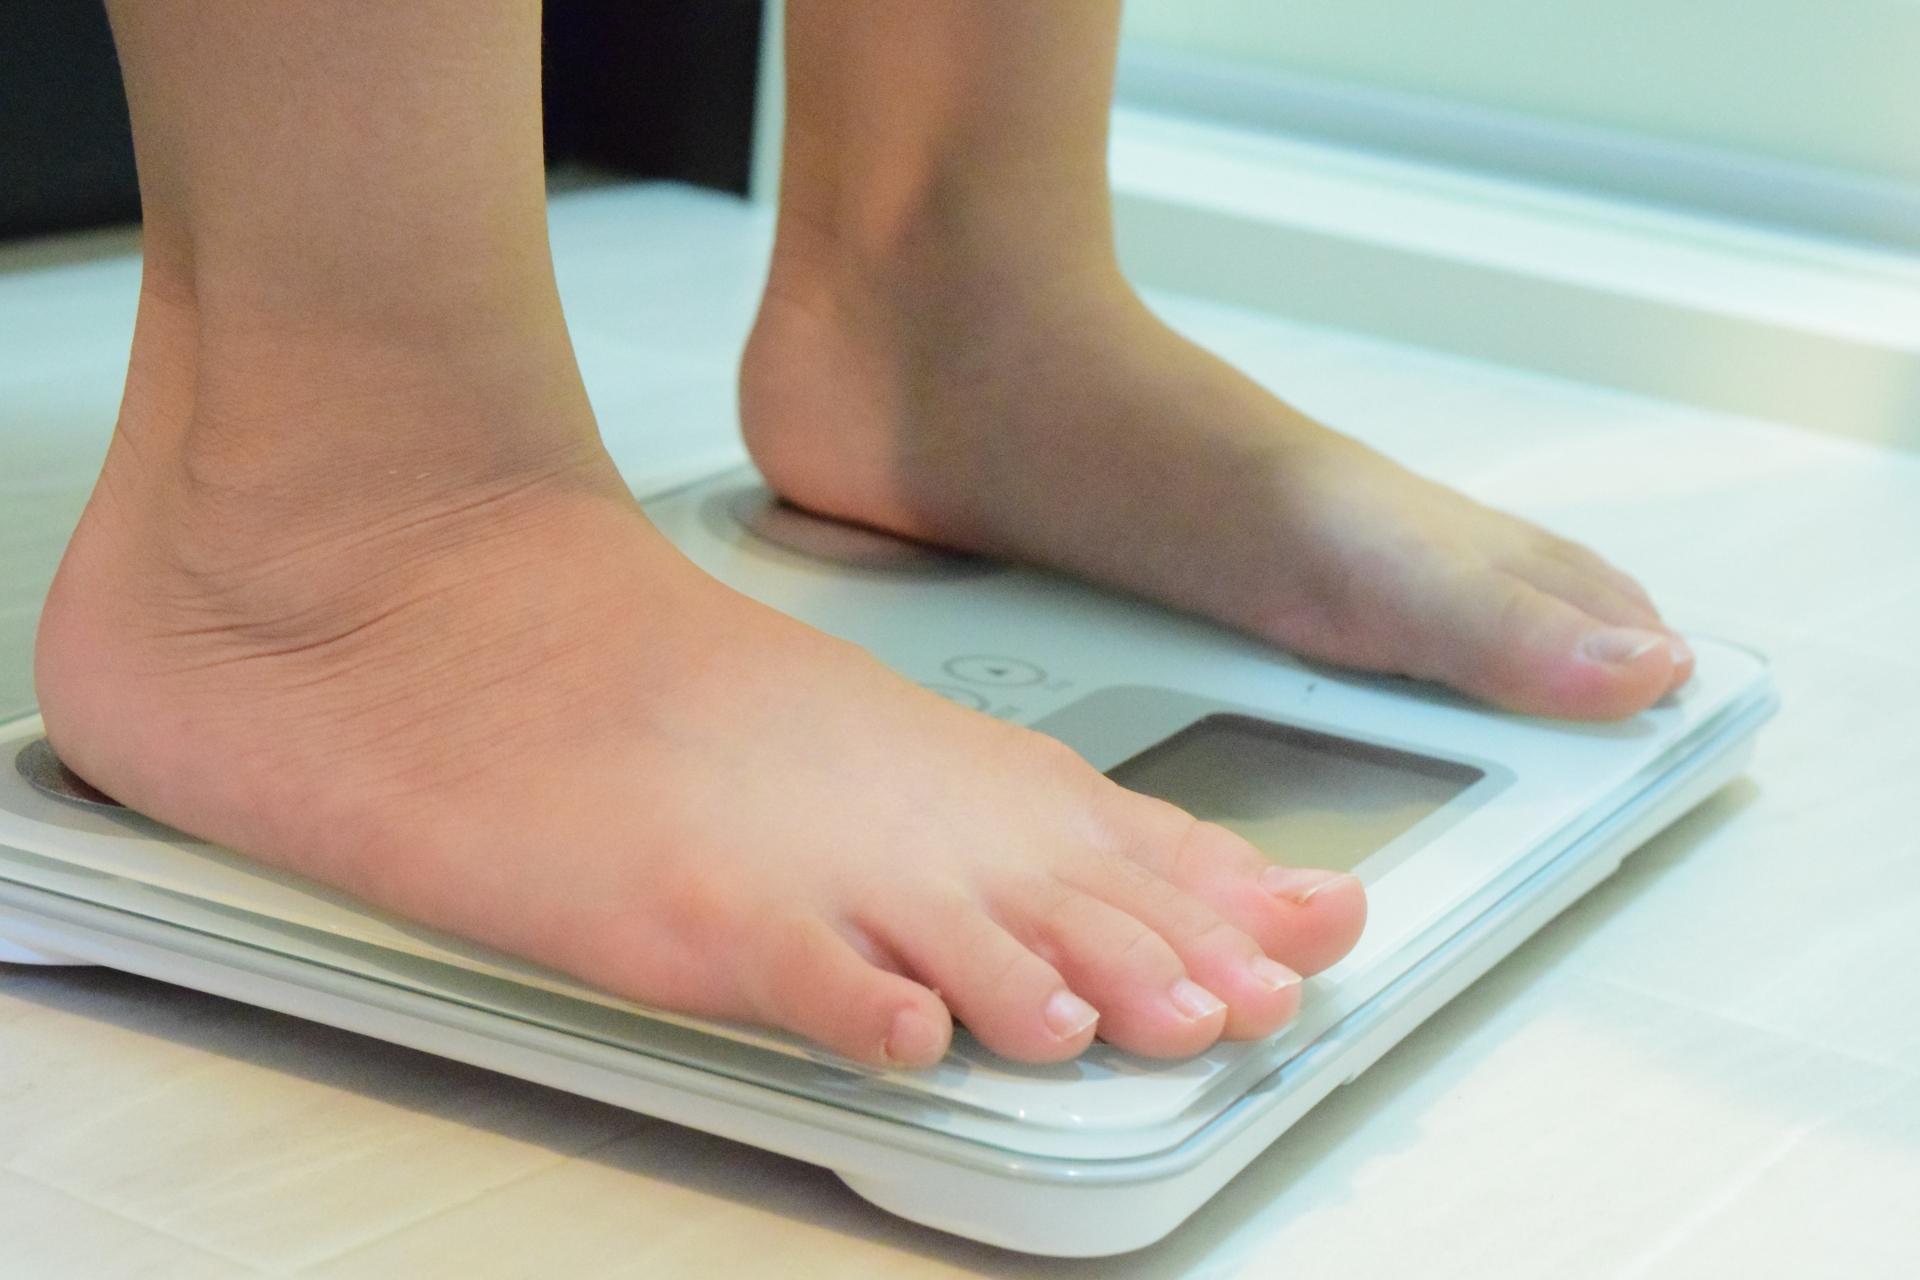 正月太りをケアする方法! 効果的なストレッチもご紹介